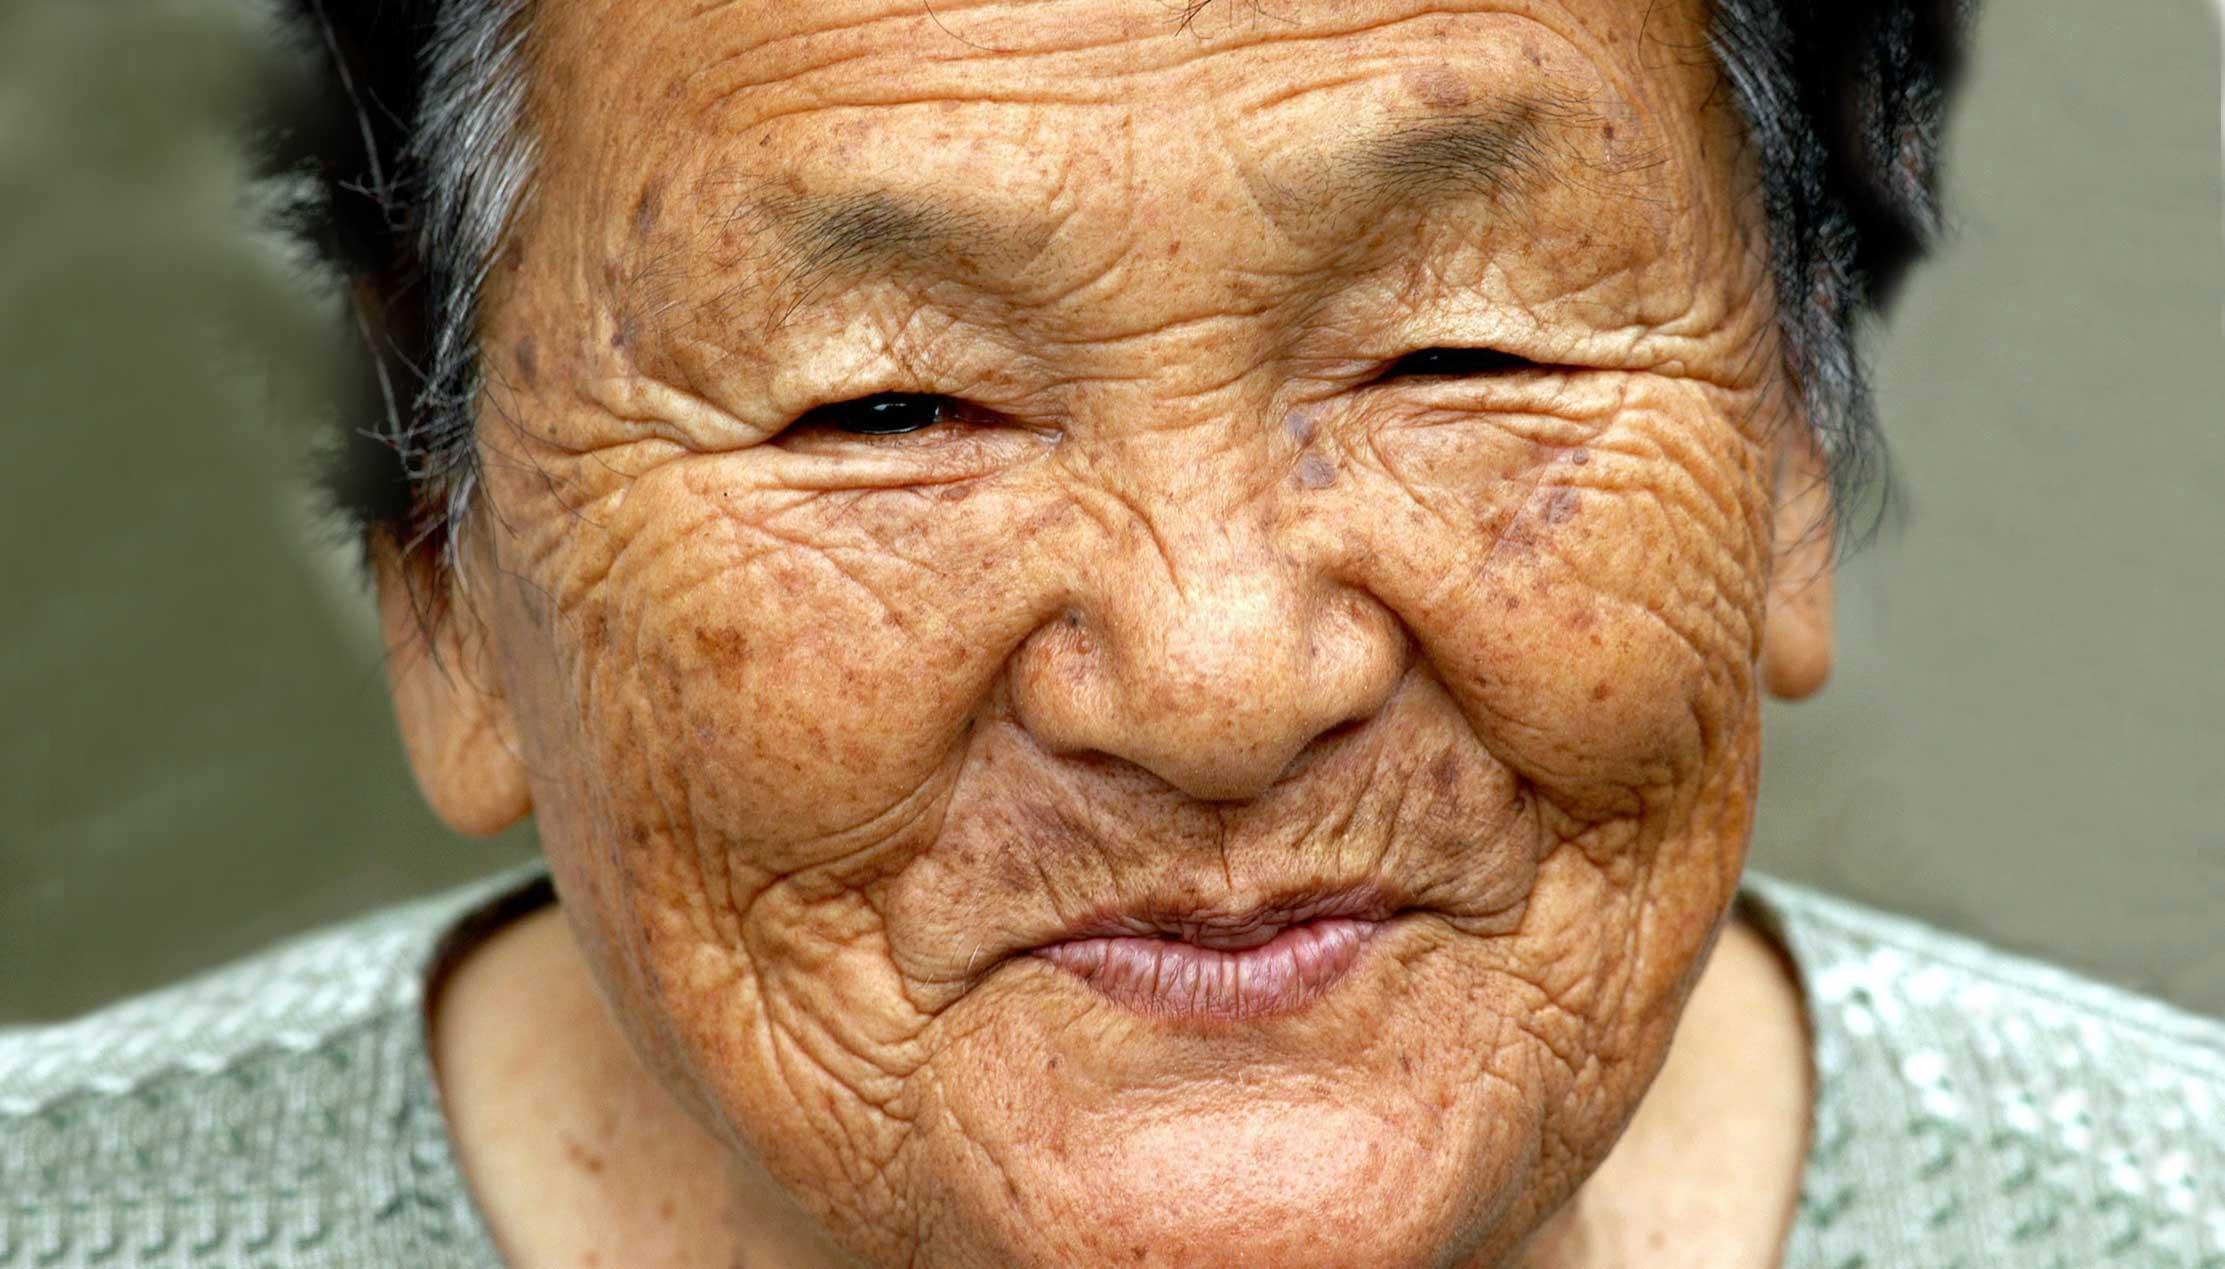 116 metų japonė pripažinta seniausiu šiuo metu pasaulyje gyvenančiu žmogumi